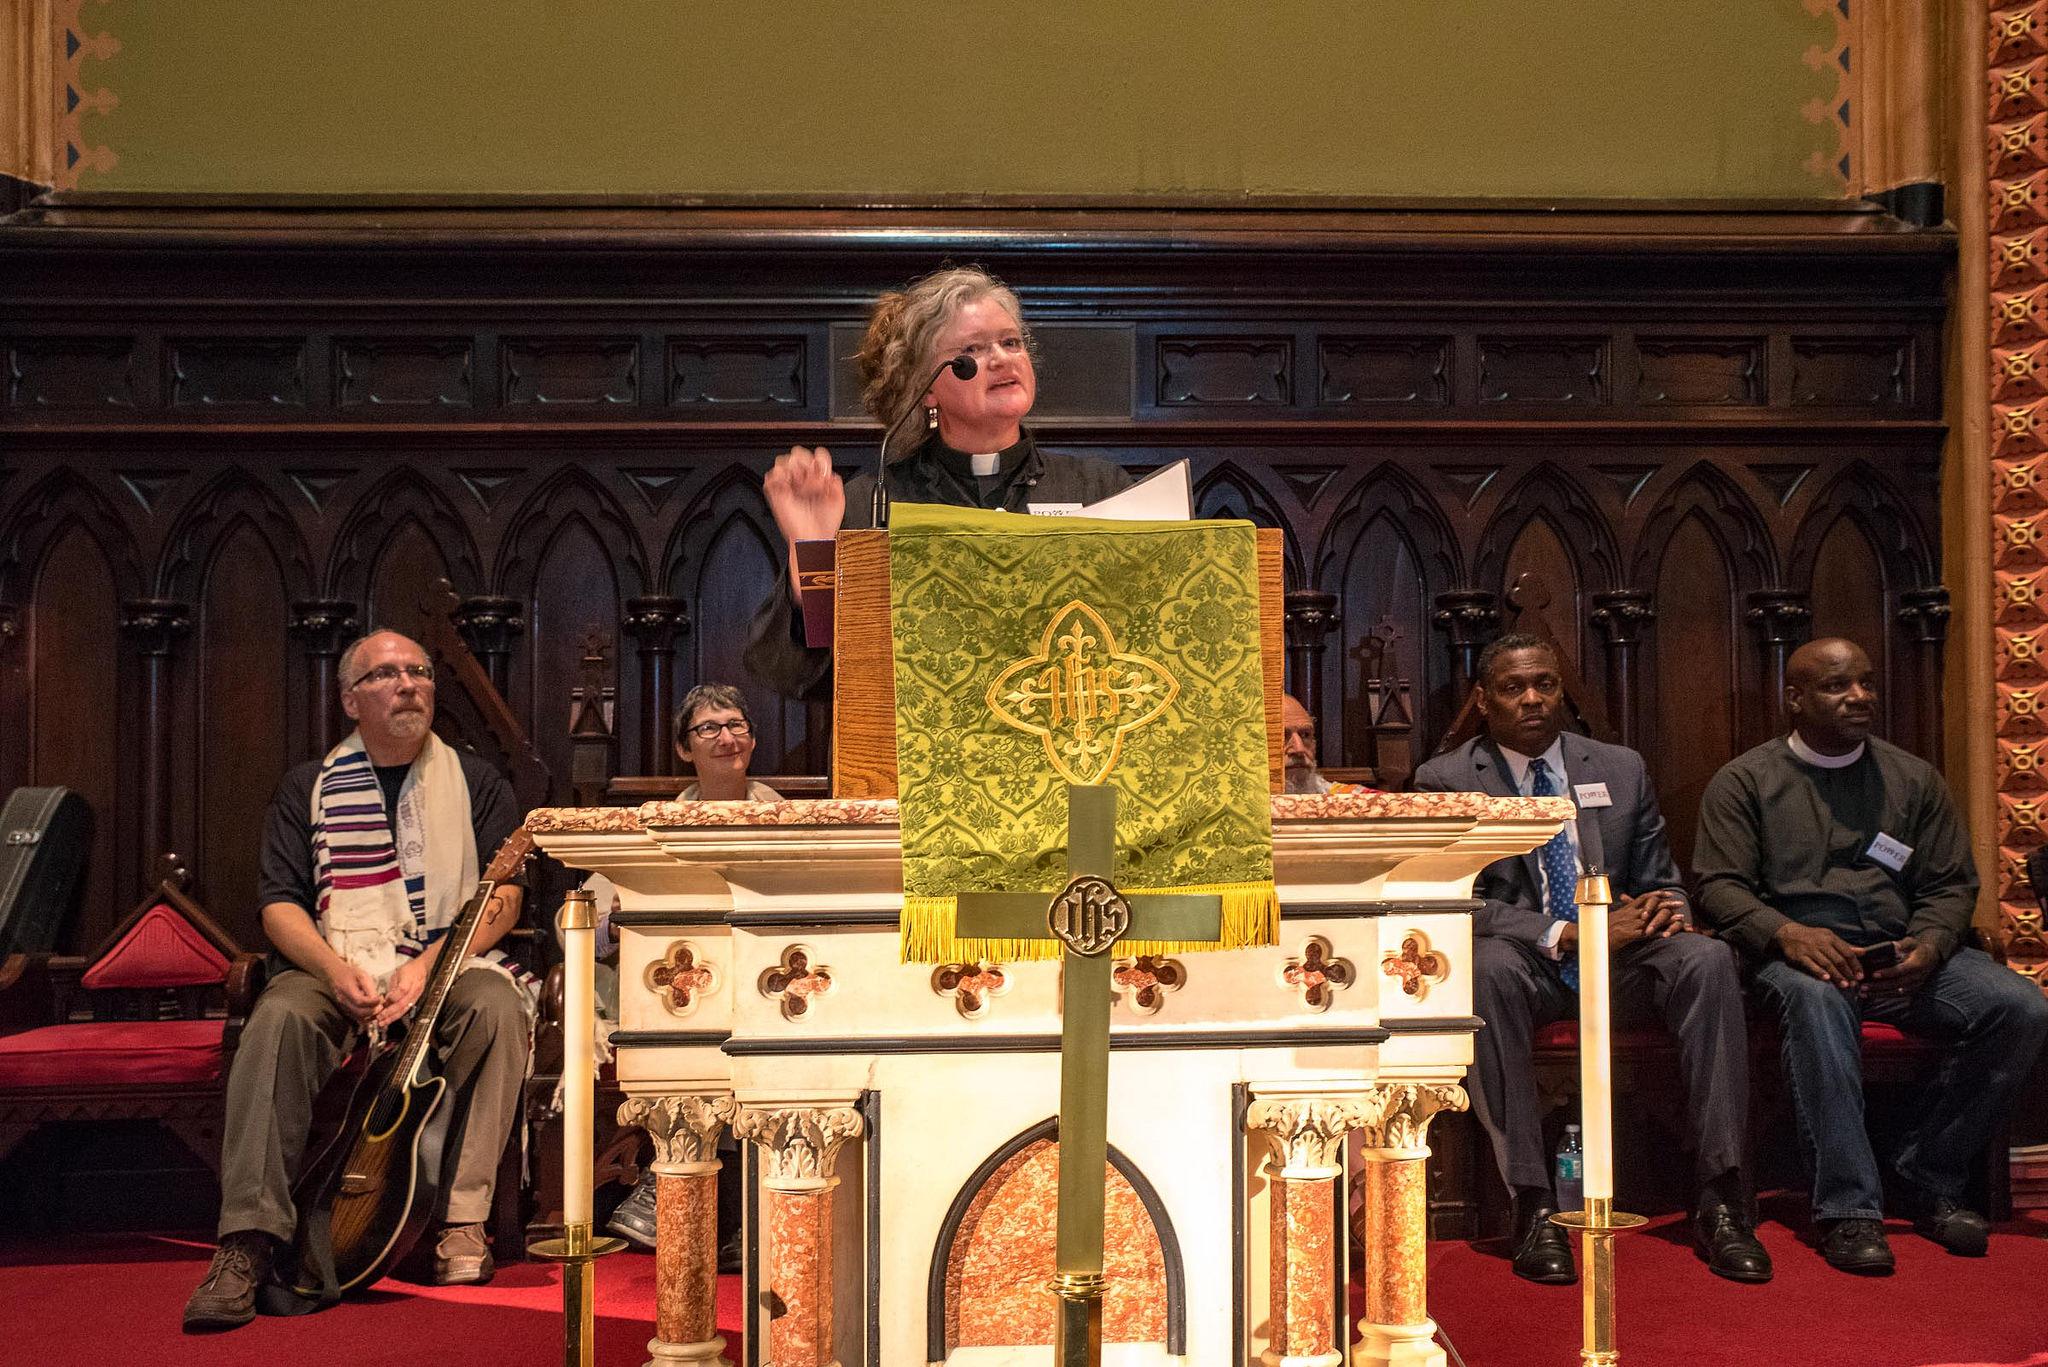 Philly is Charlottesville: Unmasking White Supremacy in Philadelphia Speech – Pastor Linda Noonan